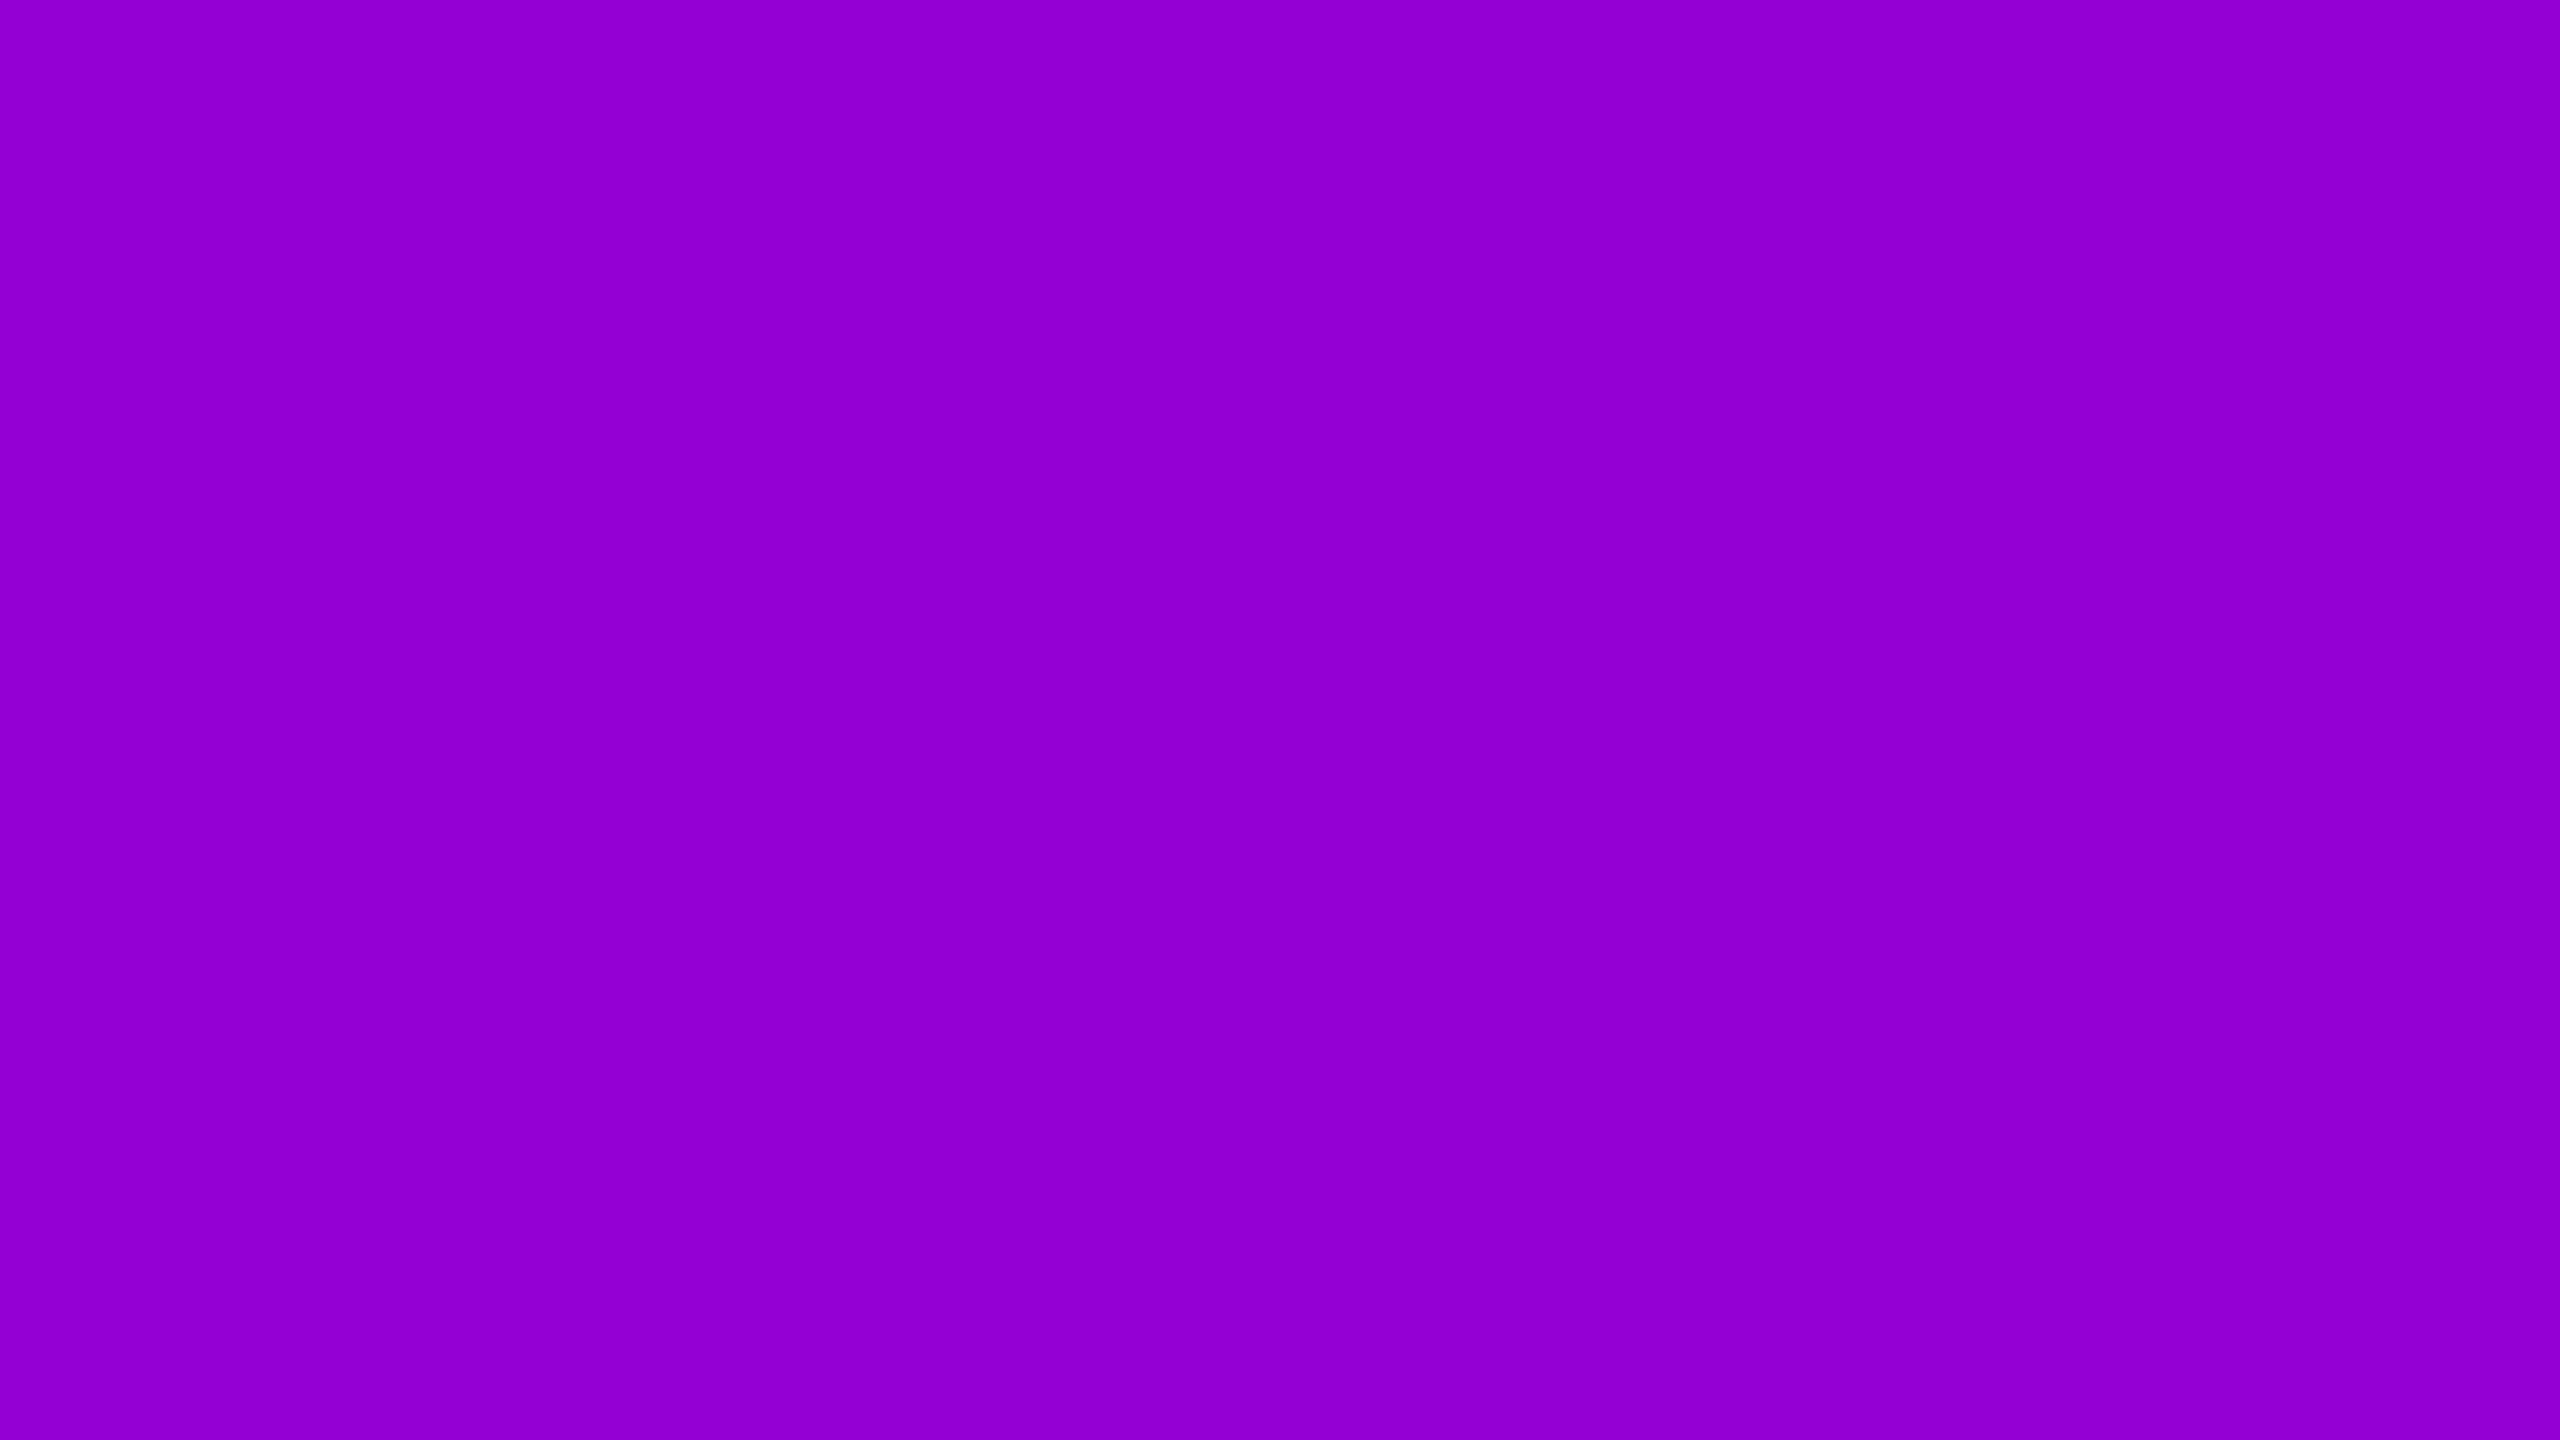 2560x1440 Dark Violet Solid Color Background